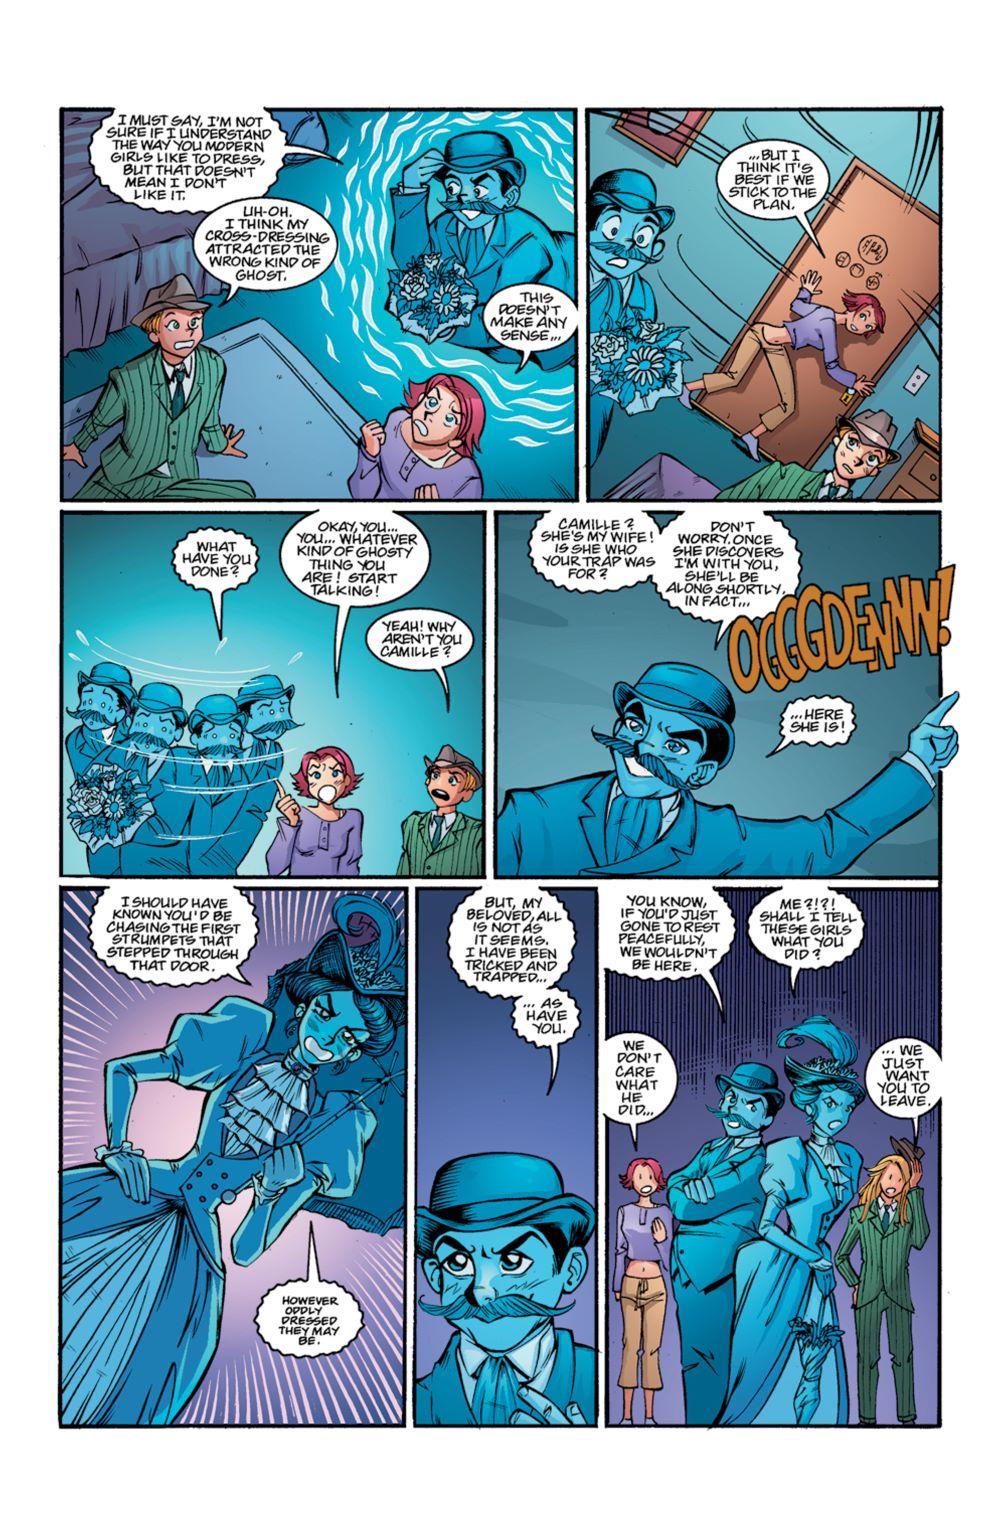 Buffy_Legacy_v4_SC_PRESS_20 ComicList Previews: BUFFY THE VAMPIRE SLAYER LEGACY EDITION VOLUME 4 SC